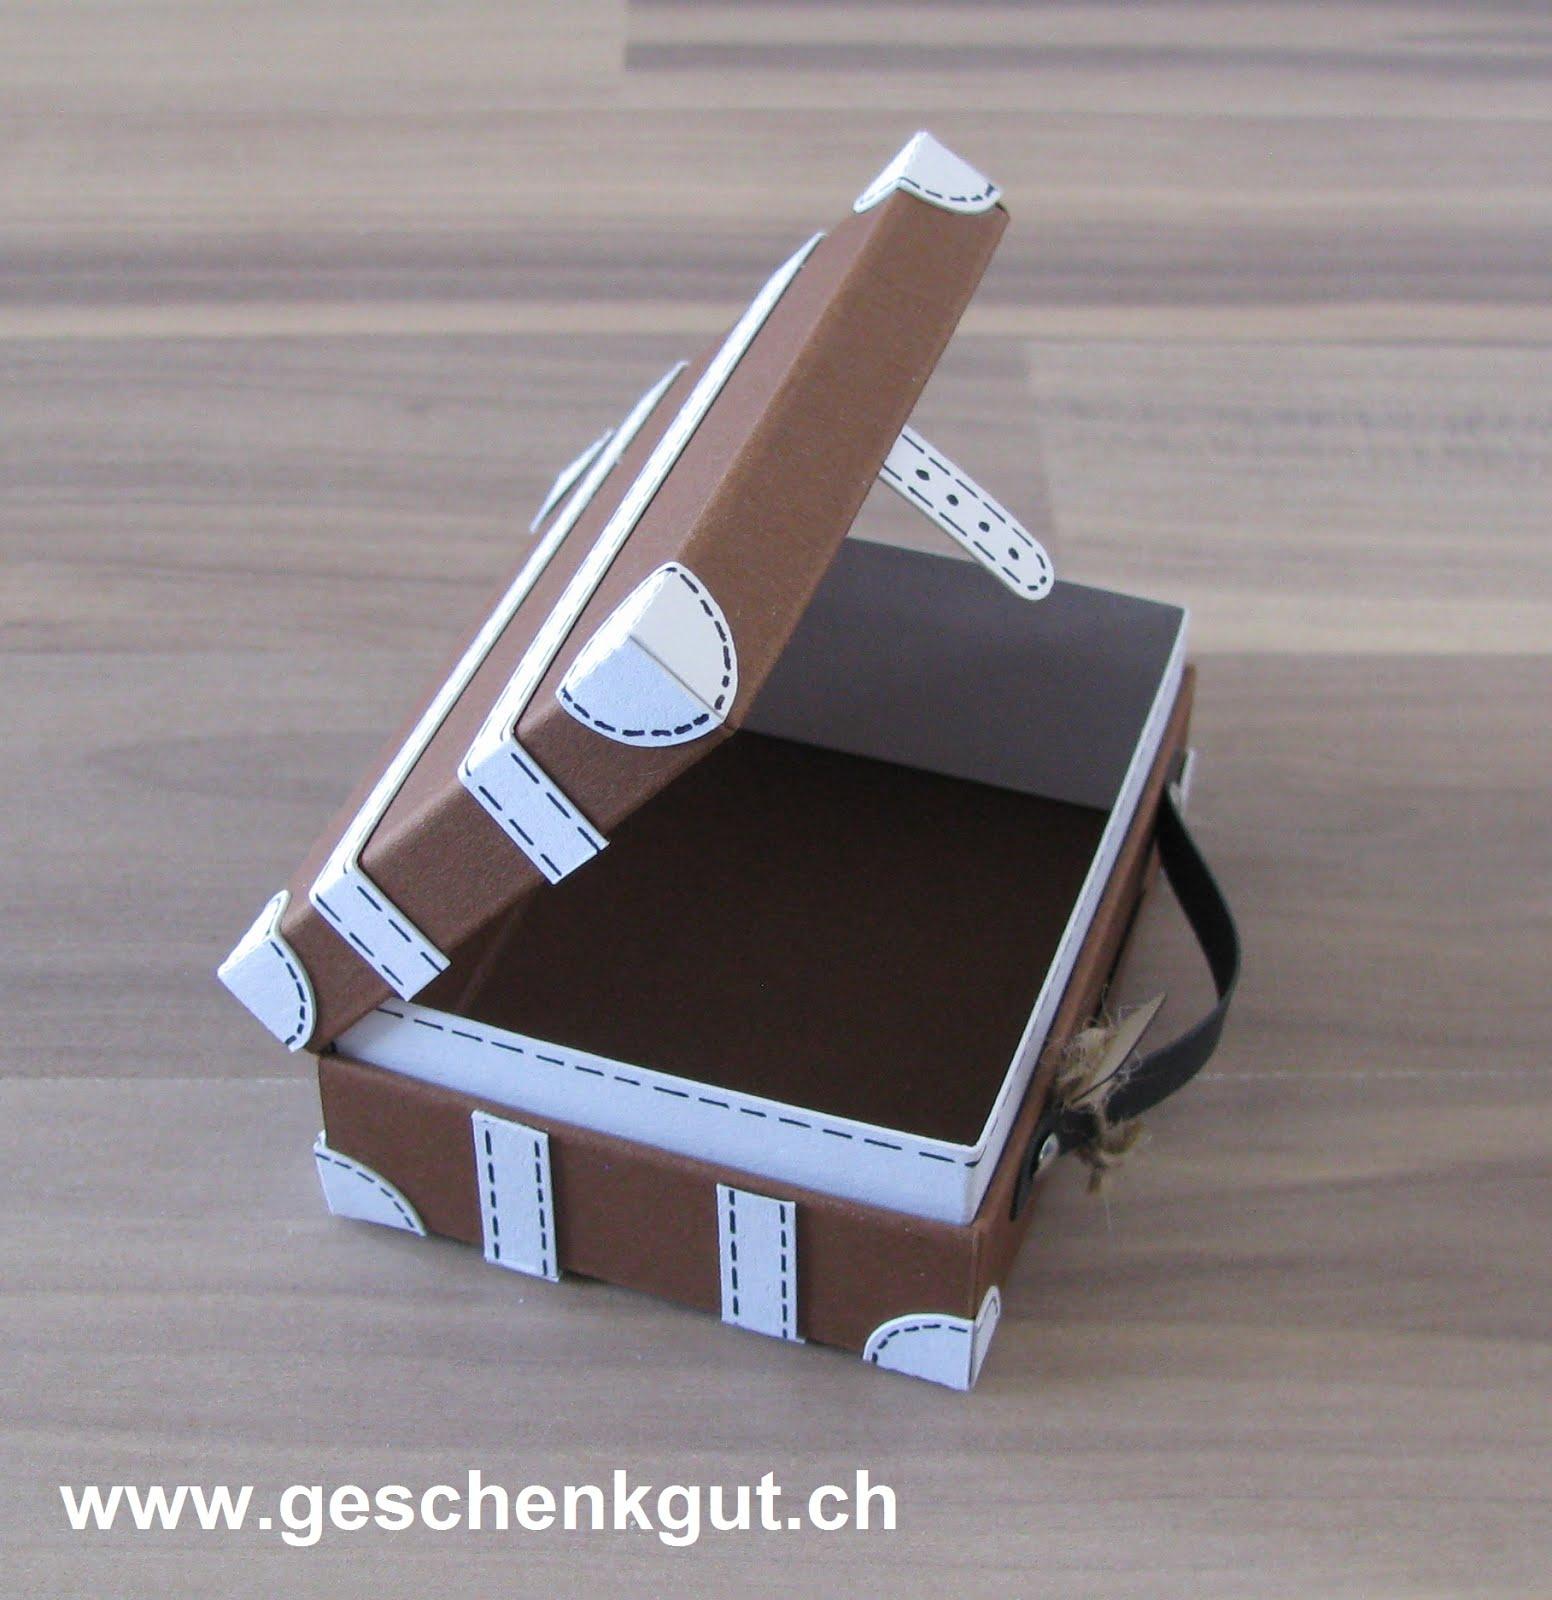 geschenkgut shop geschenkverpackungen geschenkgutscheine zum thema geburtstag. Black Bedroom Furniture Sets. Home Design Ideas